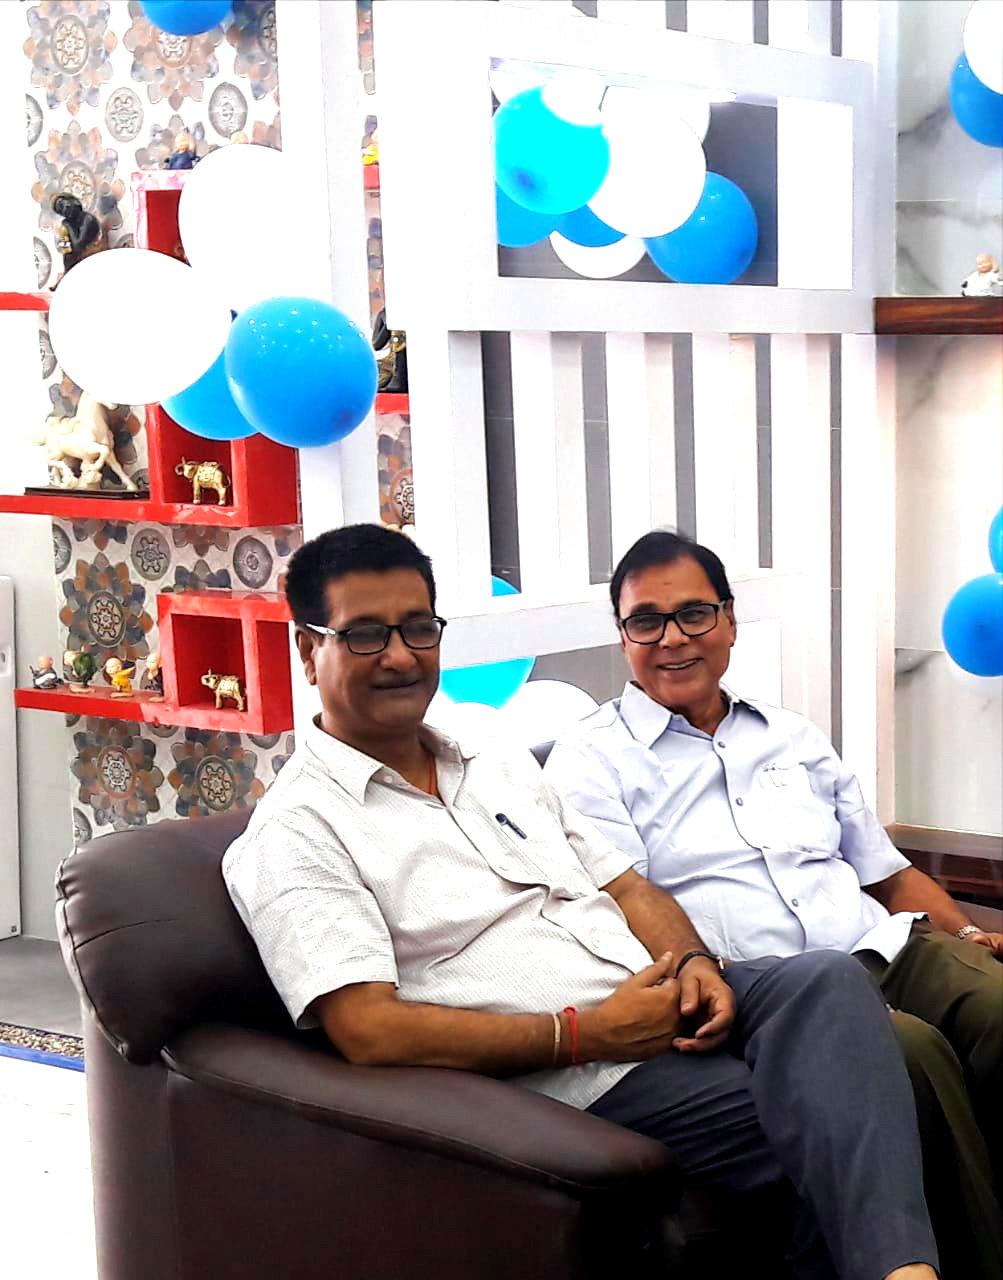 Samajsevi-Sahityakar Dr.B.N.Yadav Madhepuri along with Dr.Kishor Kumar the former Principal of B.N.M.V. Waiting to attend Kajaria Group Inaugural Function near Shiv Honda Show Room at Madhepura.